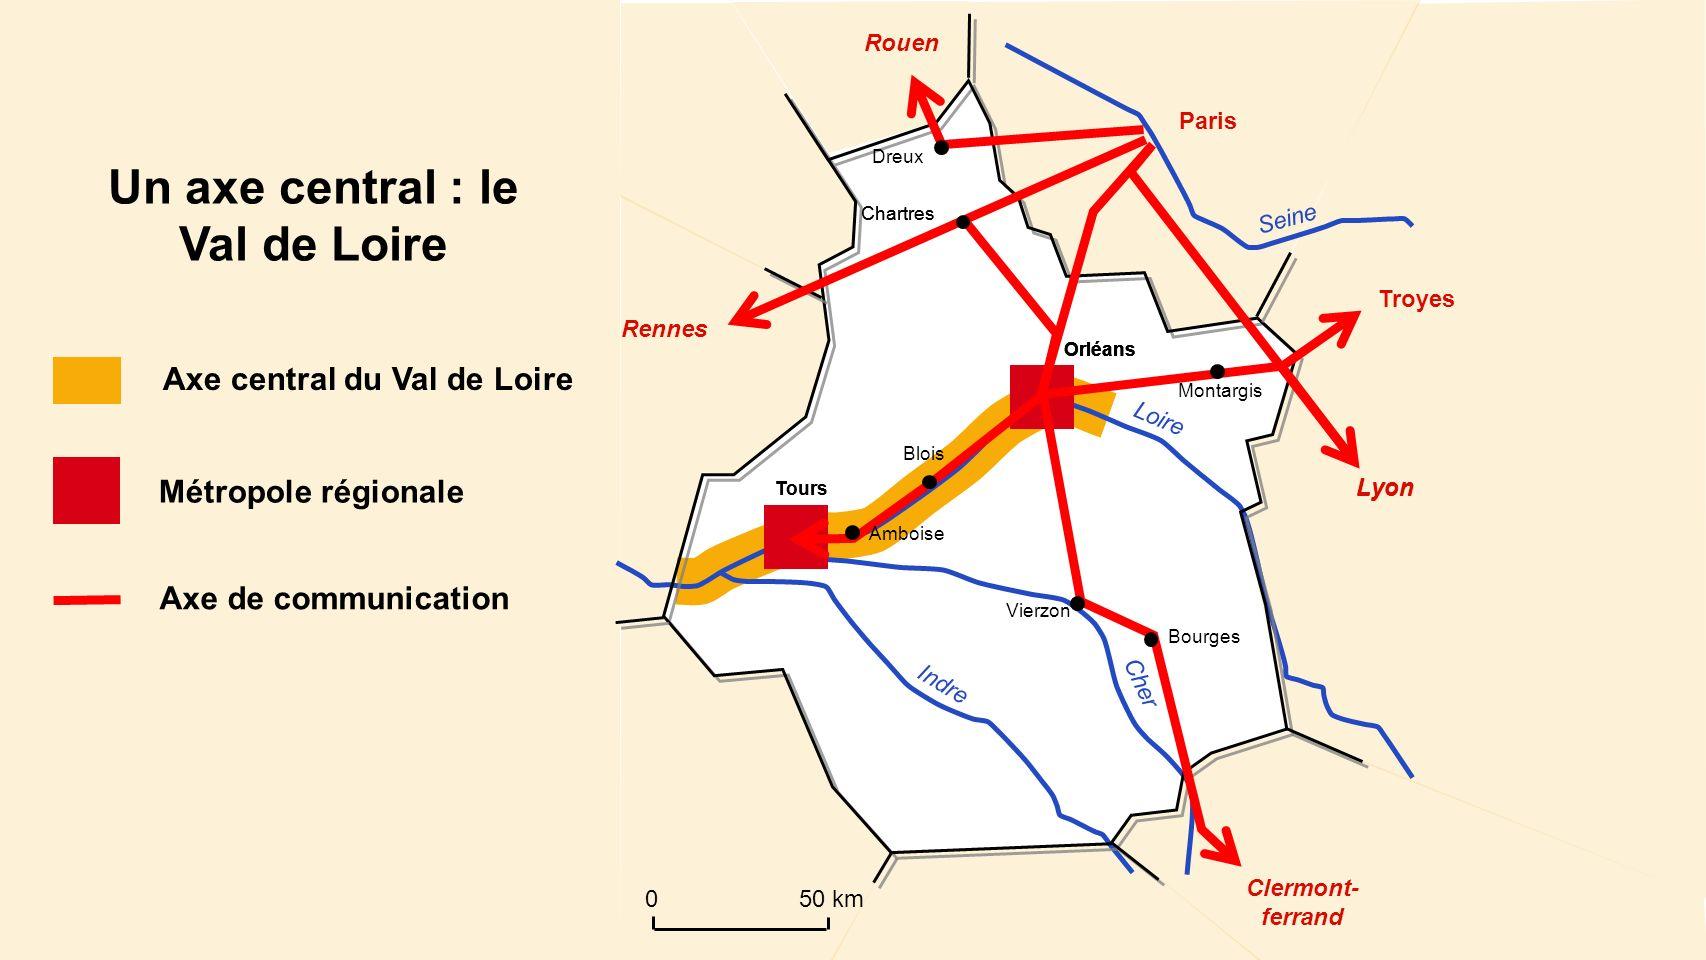 Lyon Chartres Loire Cher Indre Seine Un axe central : le Val de Loire Axe central du Val de Loire Métropole régionale Axe de communication Orléans Tou